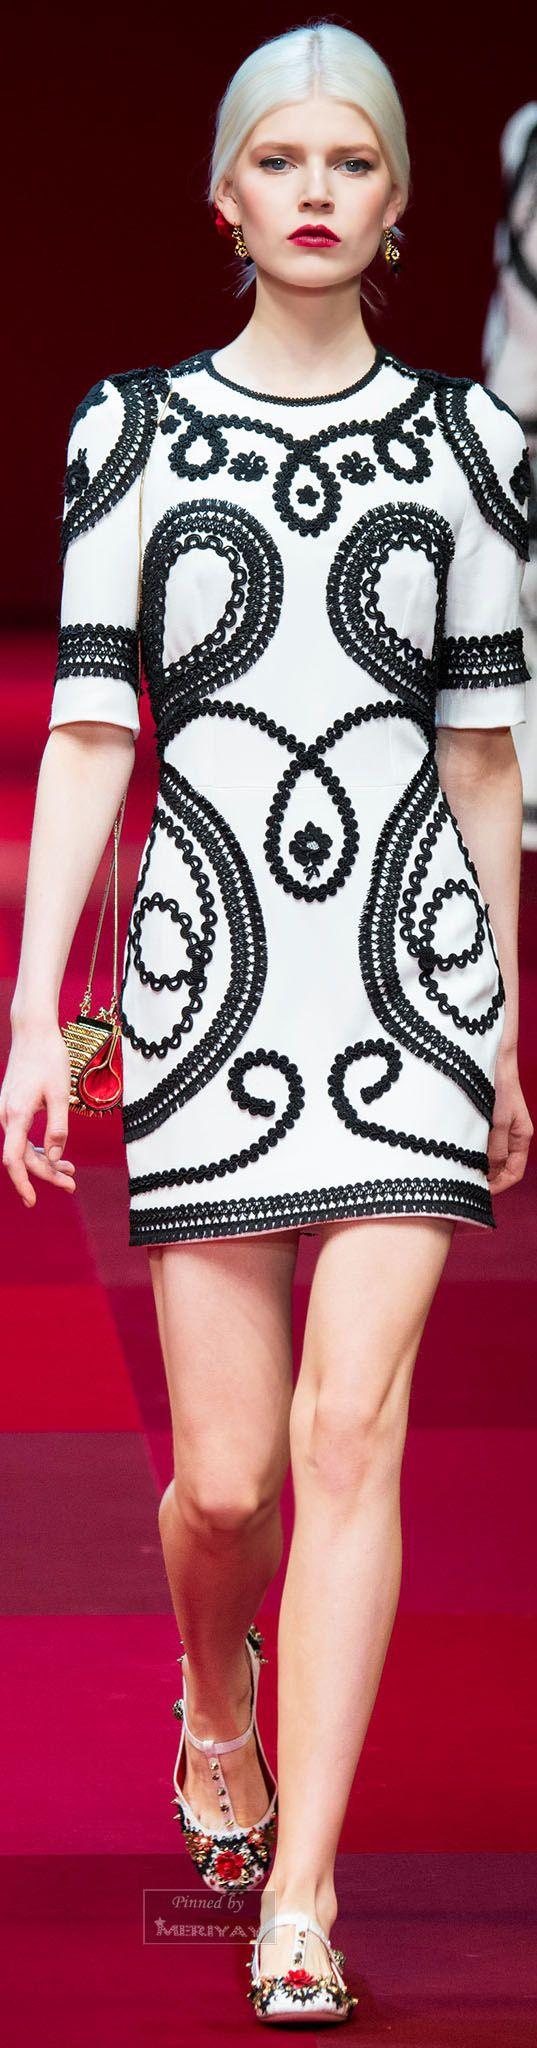 Dolce & Gabbana.Spring 2015. Always chic in black & white